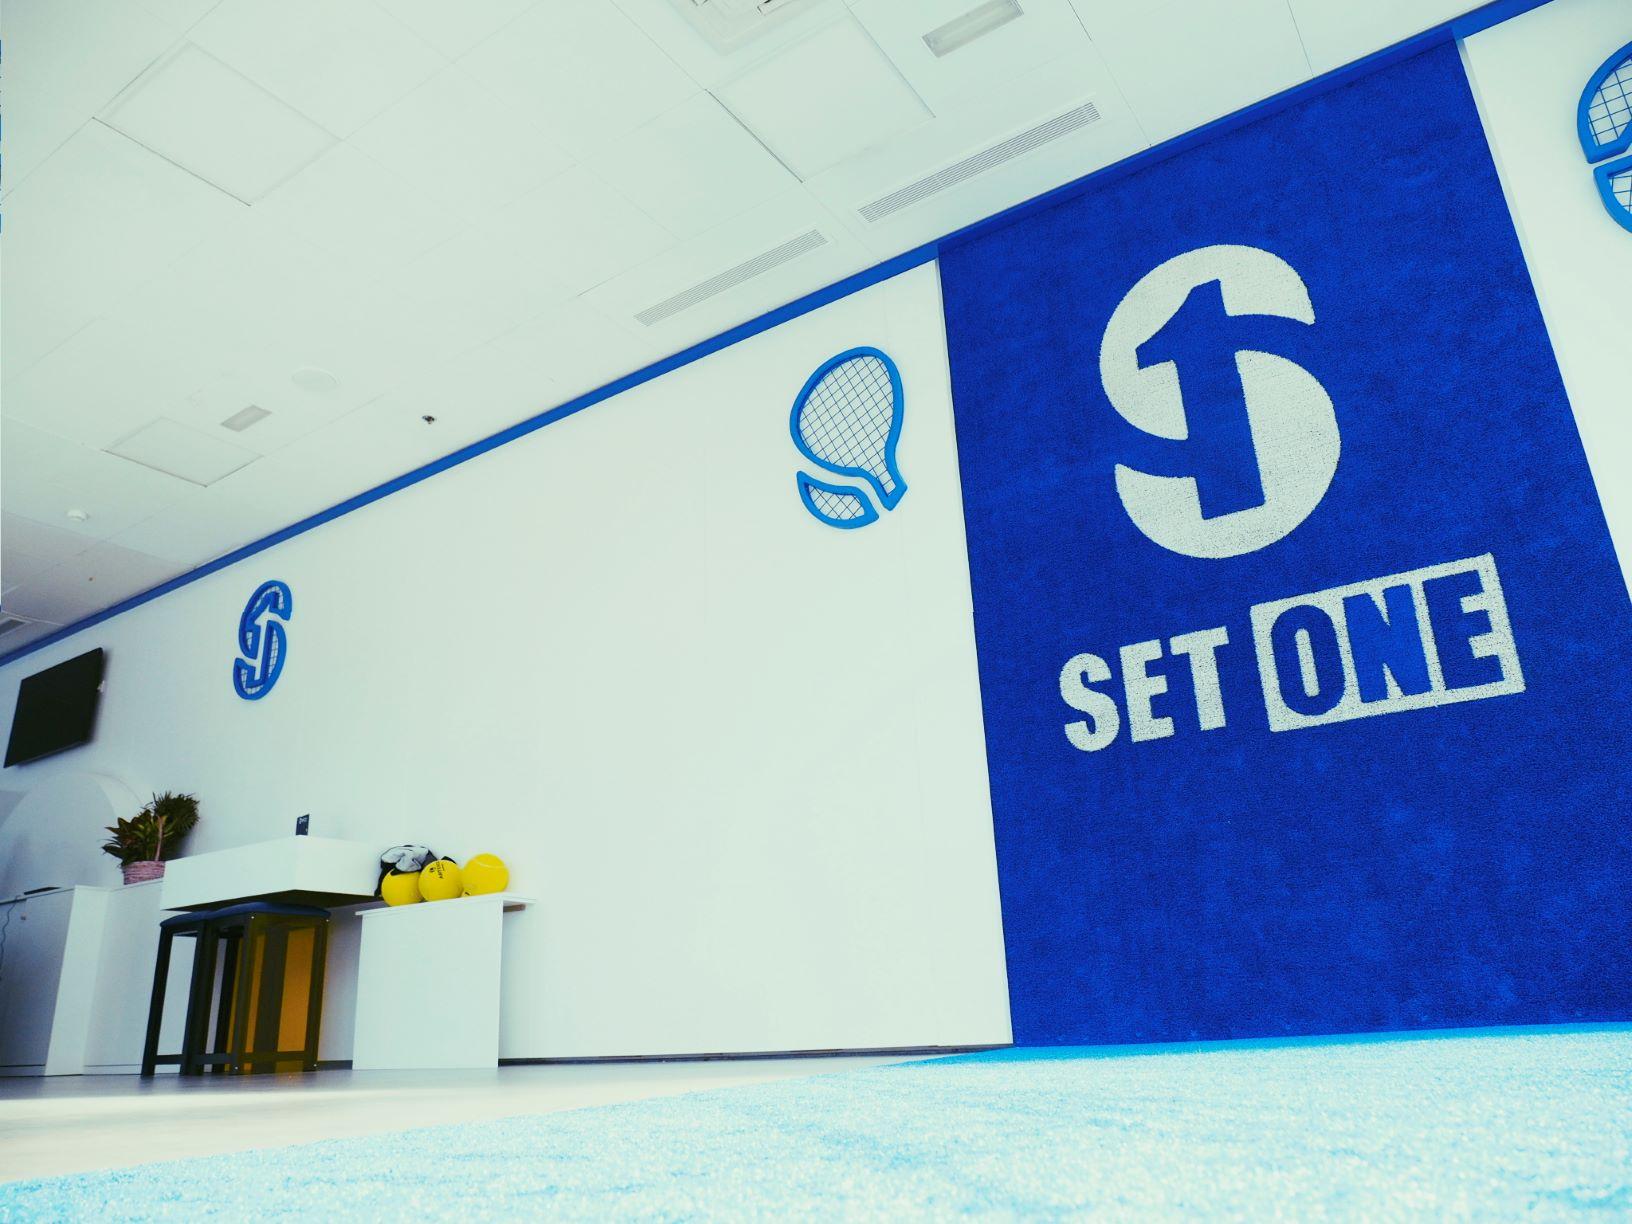 El Club de Pádel y Fitness «Set One» inaugura sus instalaciones en el Centro Comercial Equinoccio